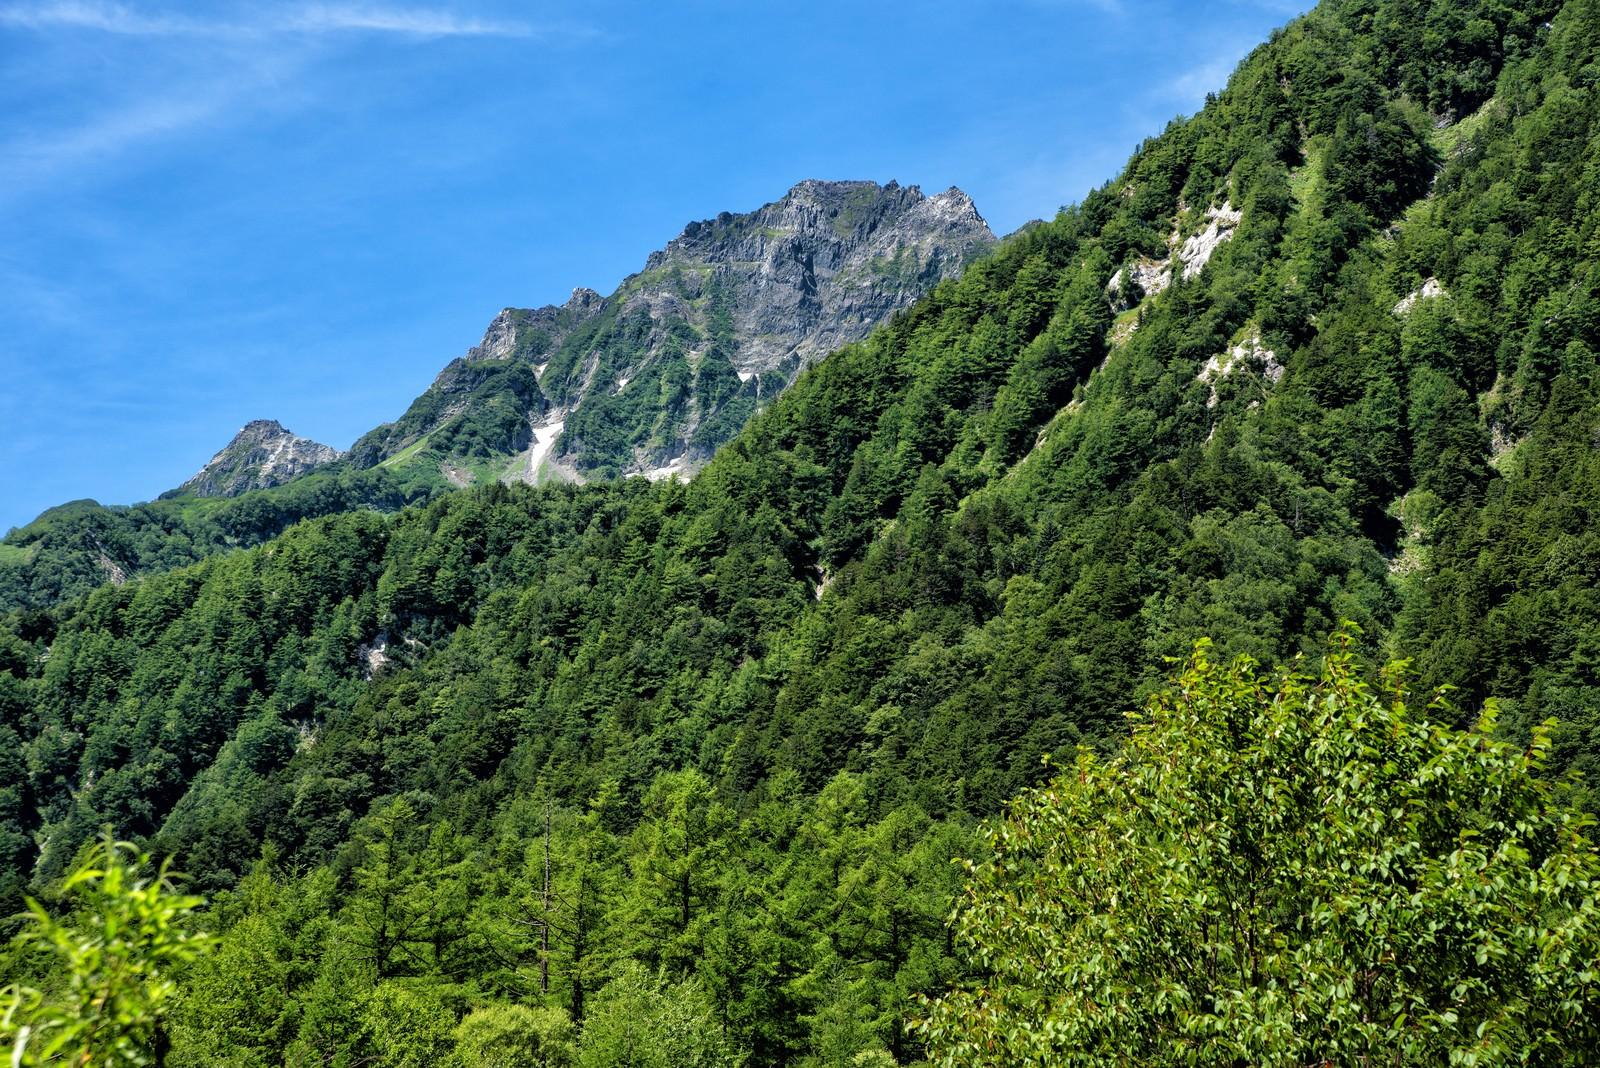 「登山道から見える明神岳の岩壁」の写真